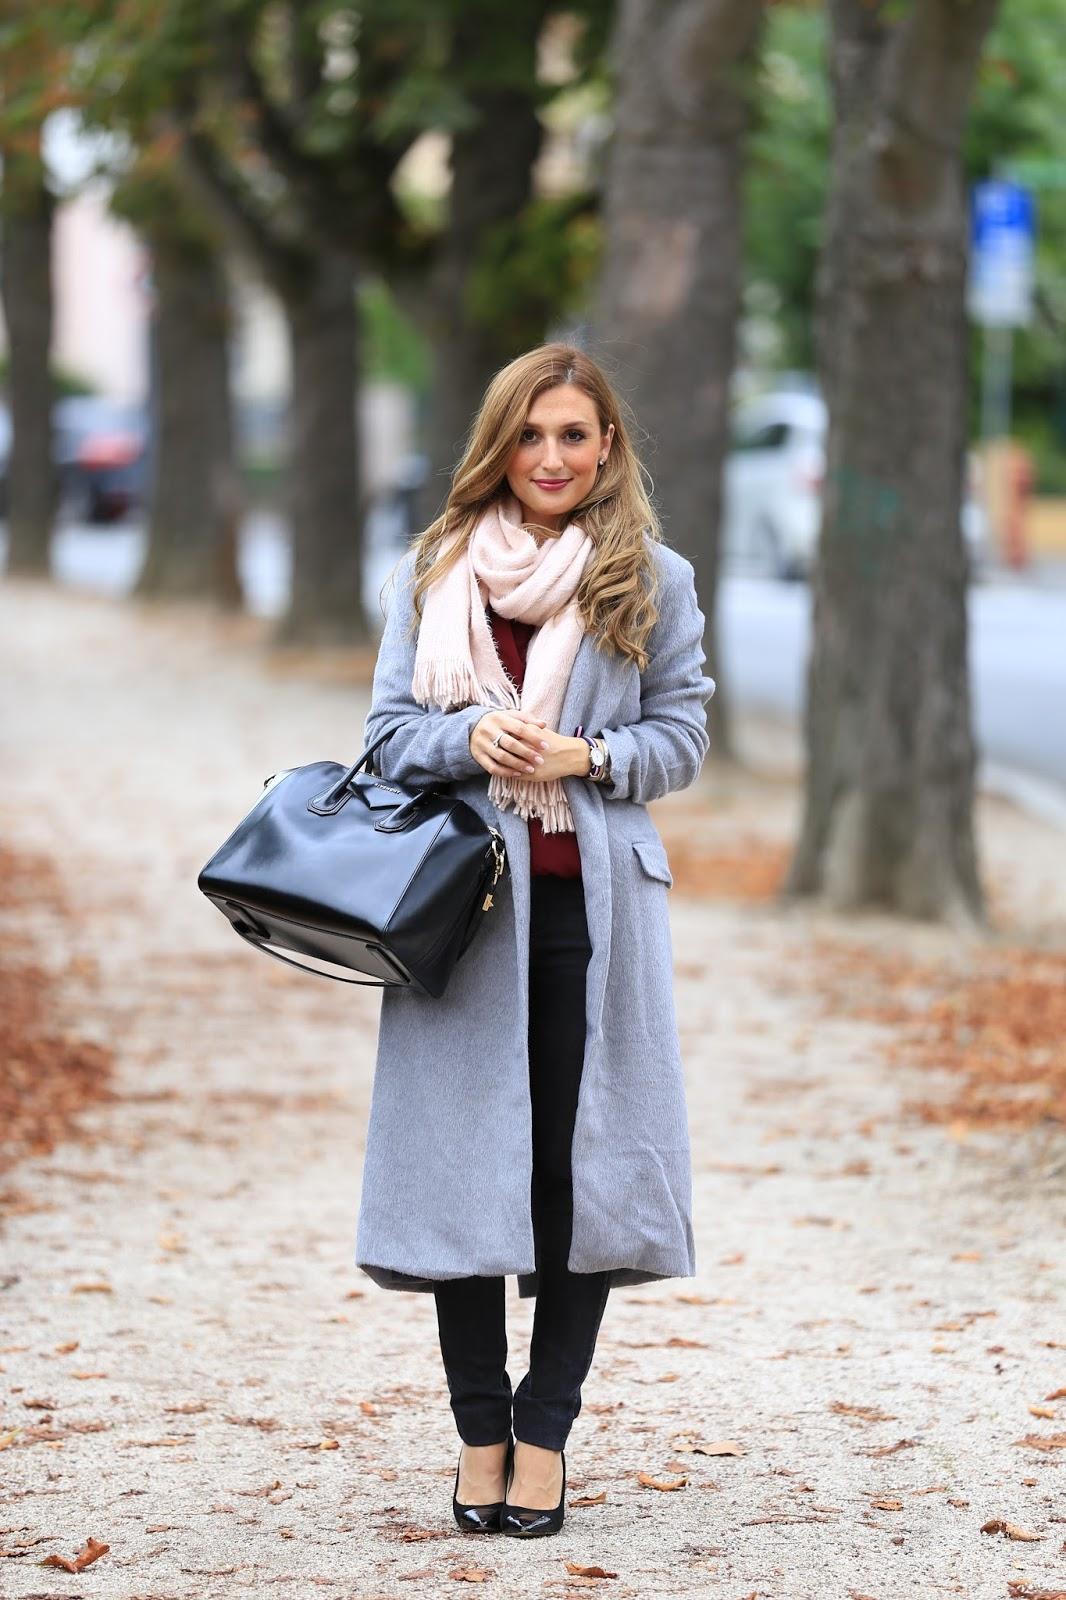 Zara-Grauer Mantel- Wolford-Dior-so-real-Fashionblogger-Frankfurt-Deutschland-Fashionstylebyjohanna - header- Top Blogger